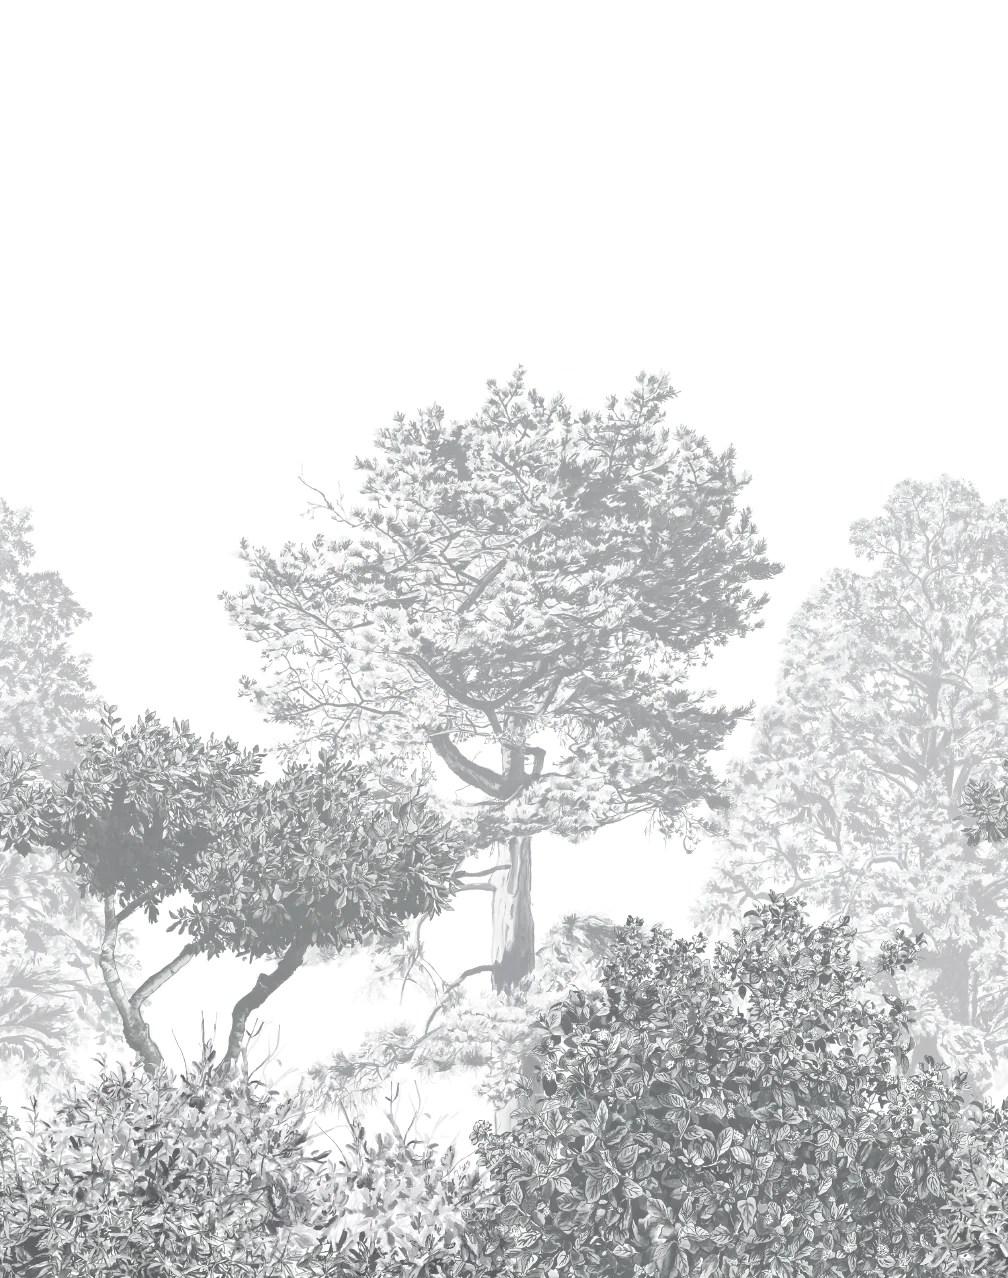 Wallpaper Dye White And Black Tie